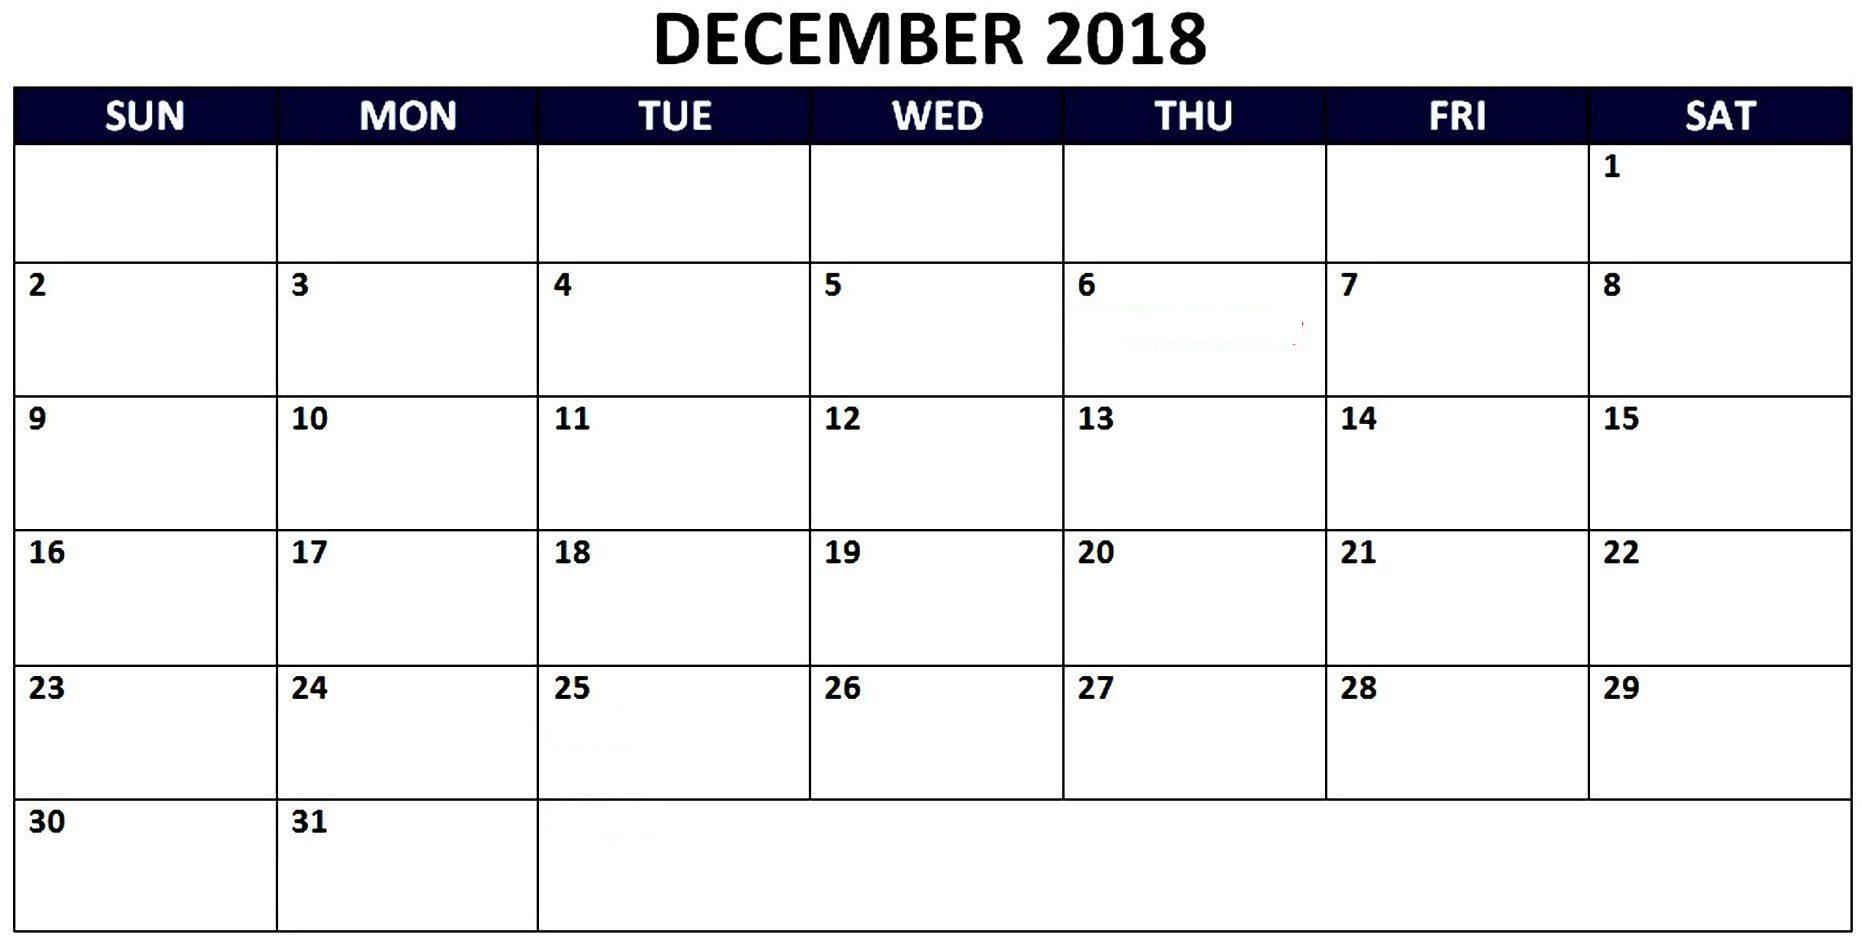 December 2018 Calendar For Australia